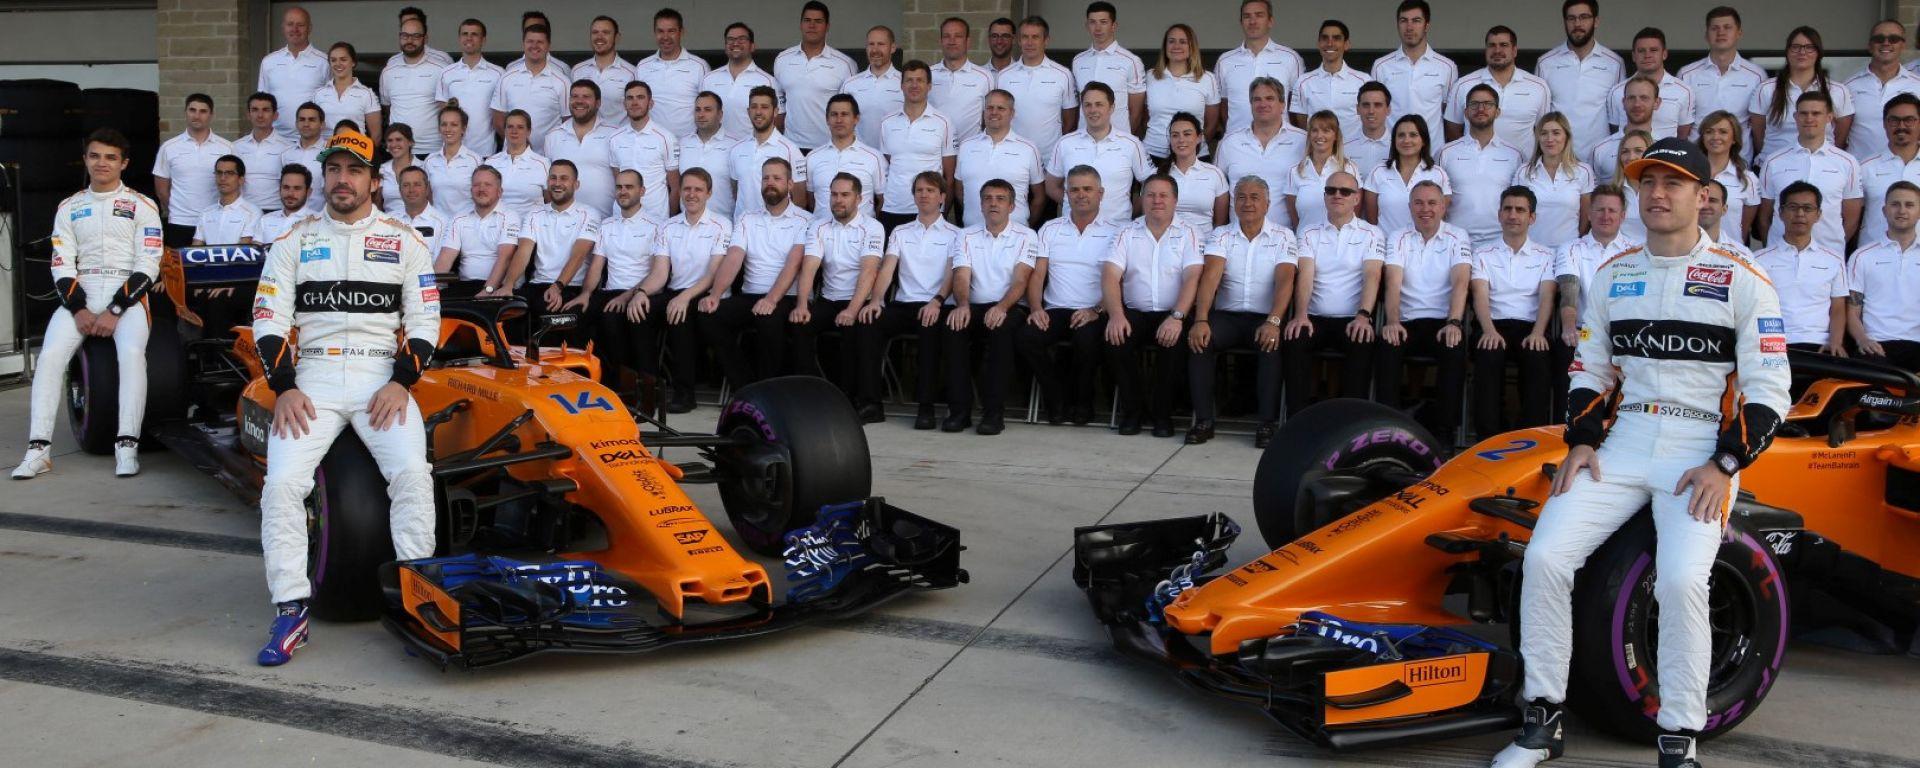 F1 2018: il team McLaren al completo con i piloti Fernando Alonso e Stoffel Vandoorne